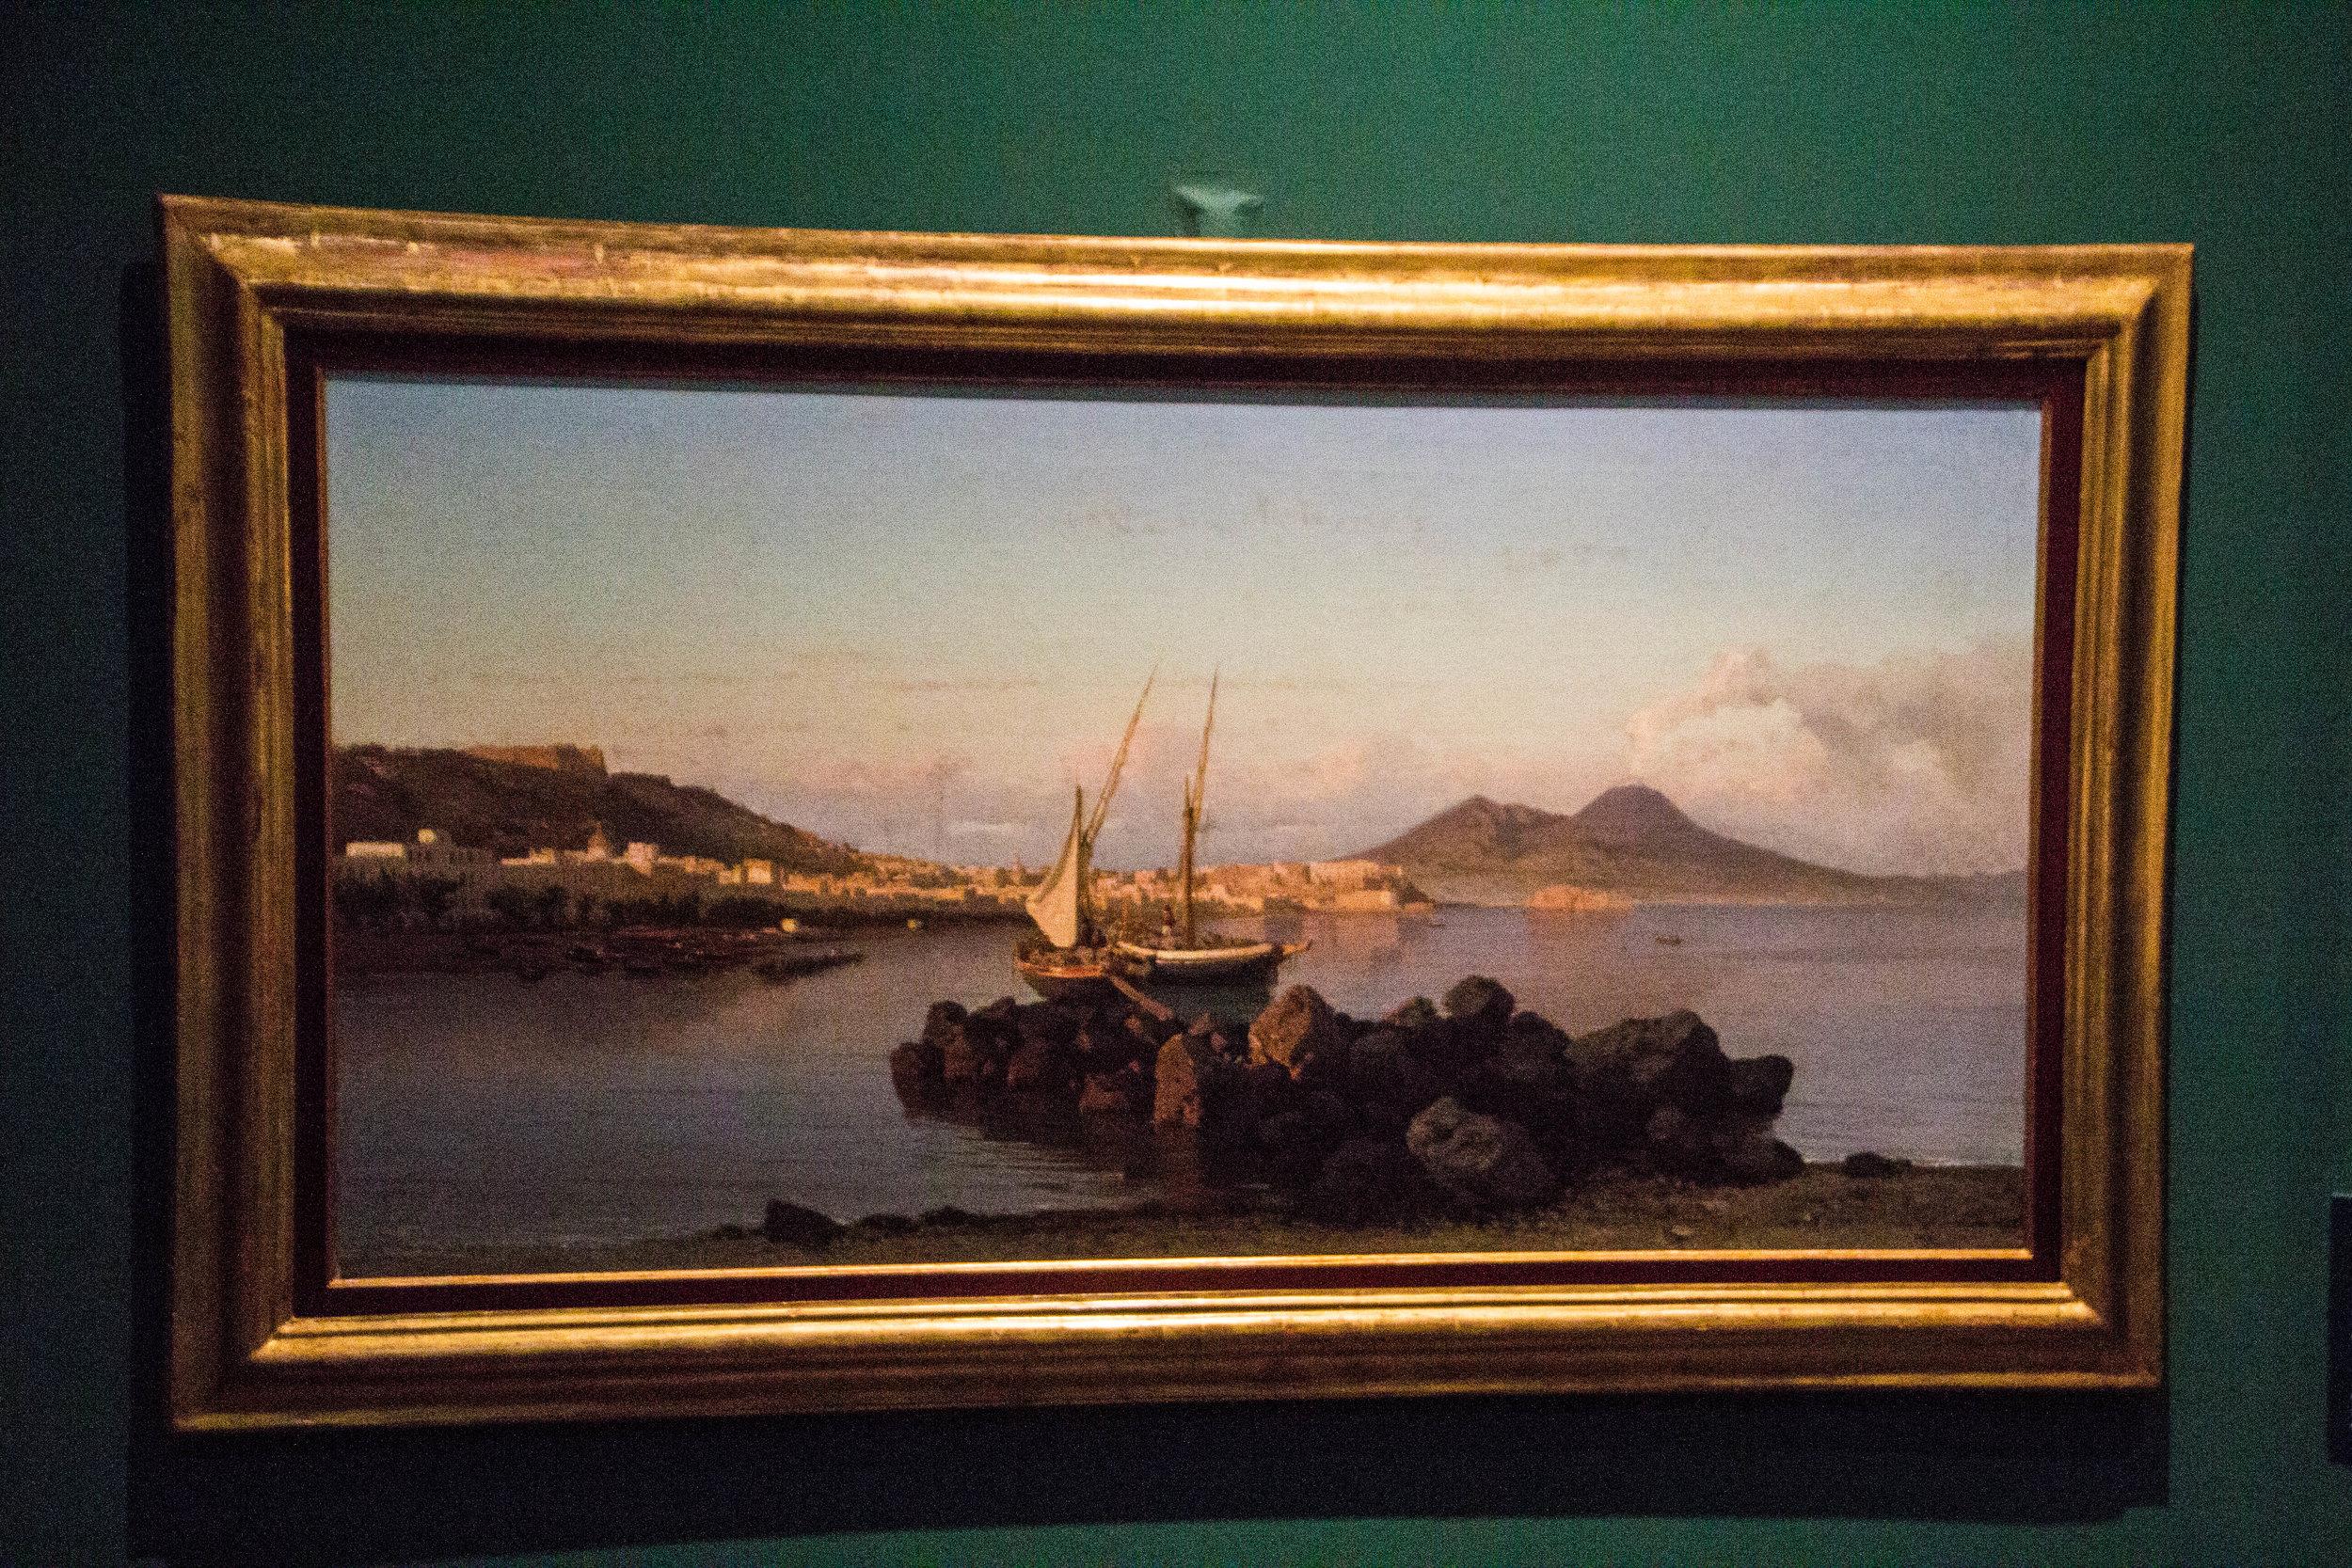 museo-civico-castello-ursino-catania-sicily-11.jpg